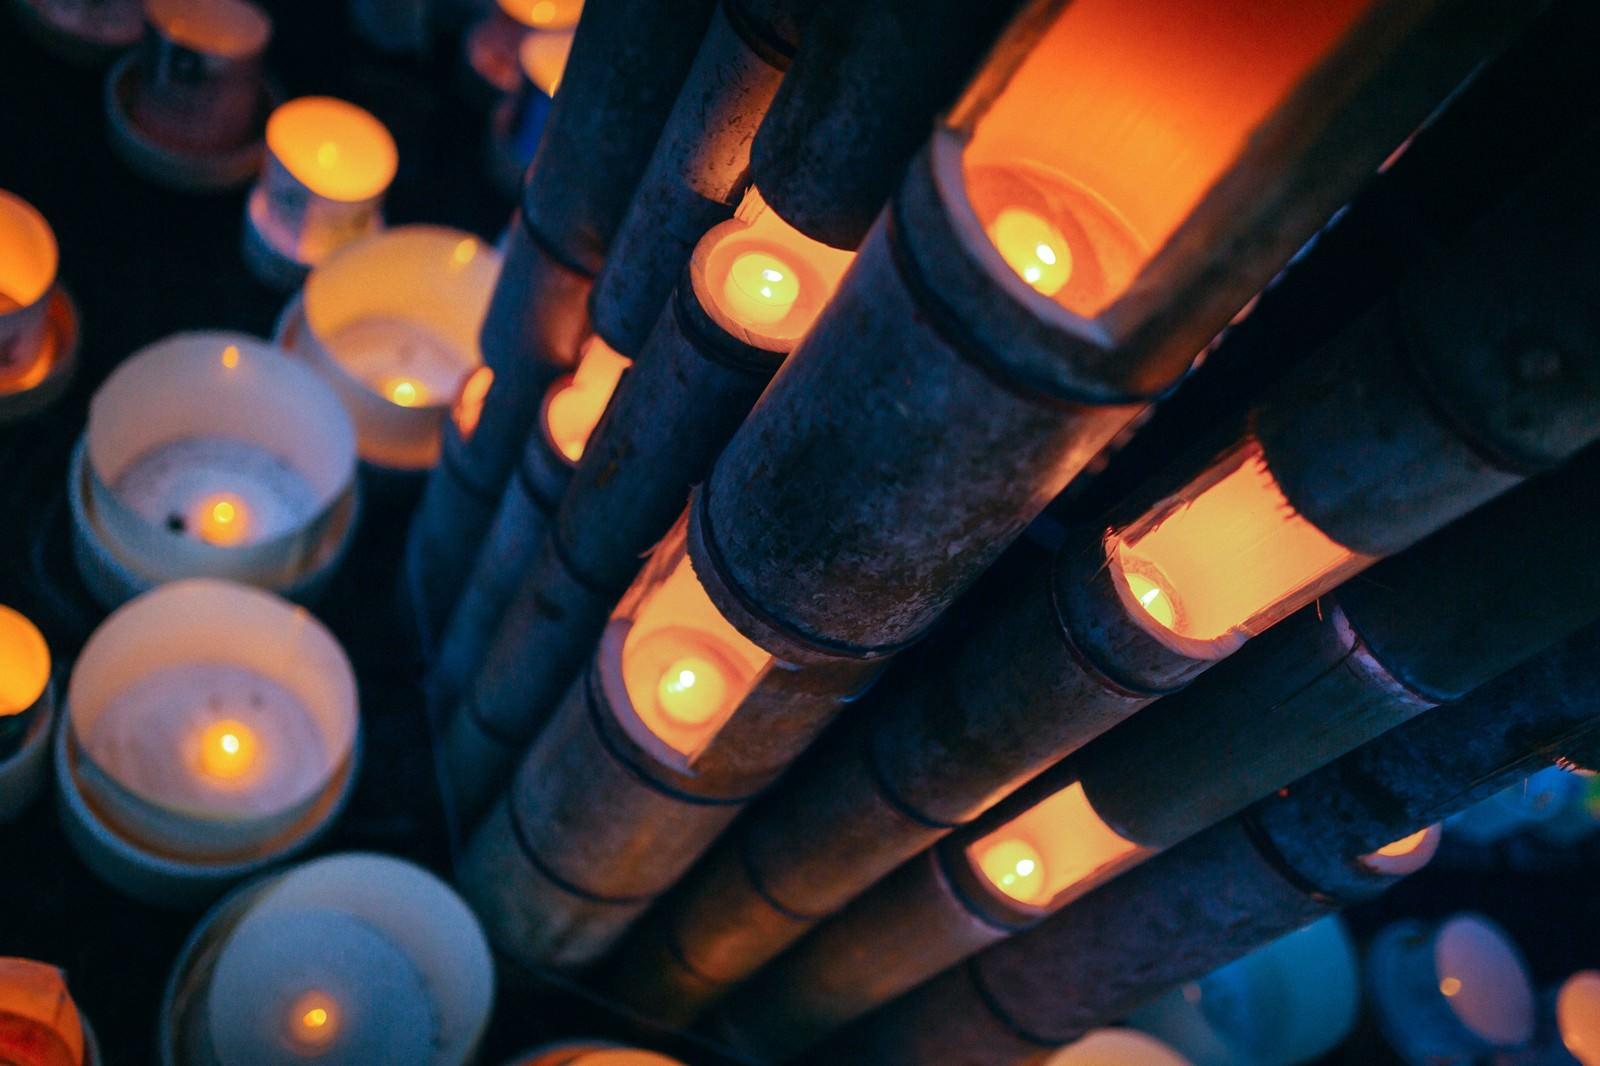 「幻想的な灯りに包まれる伊万里ボシ灯ろうまつり」の写真